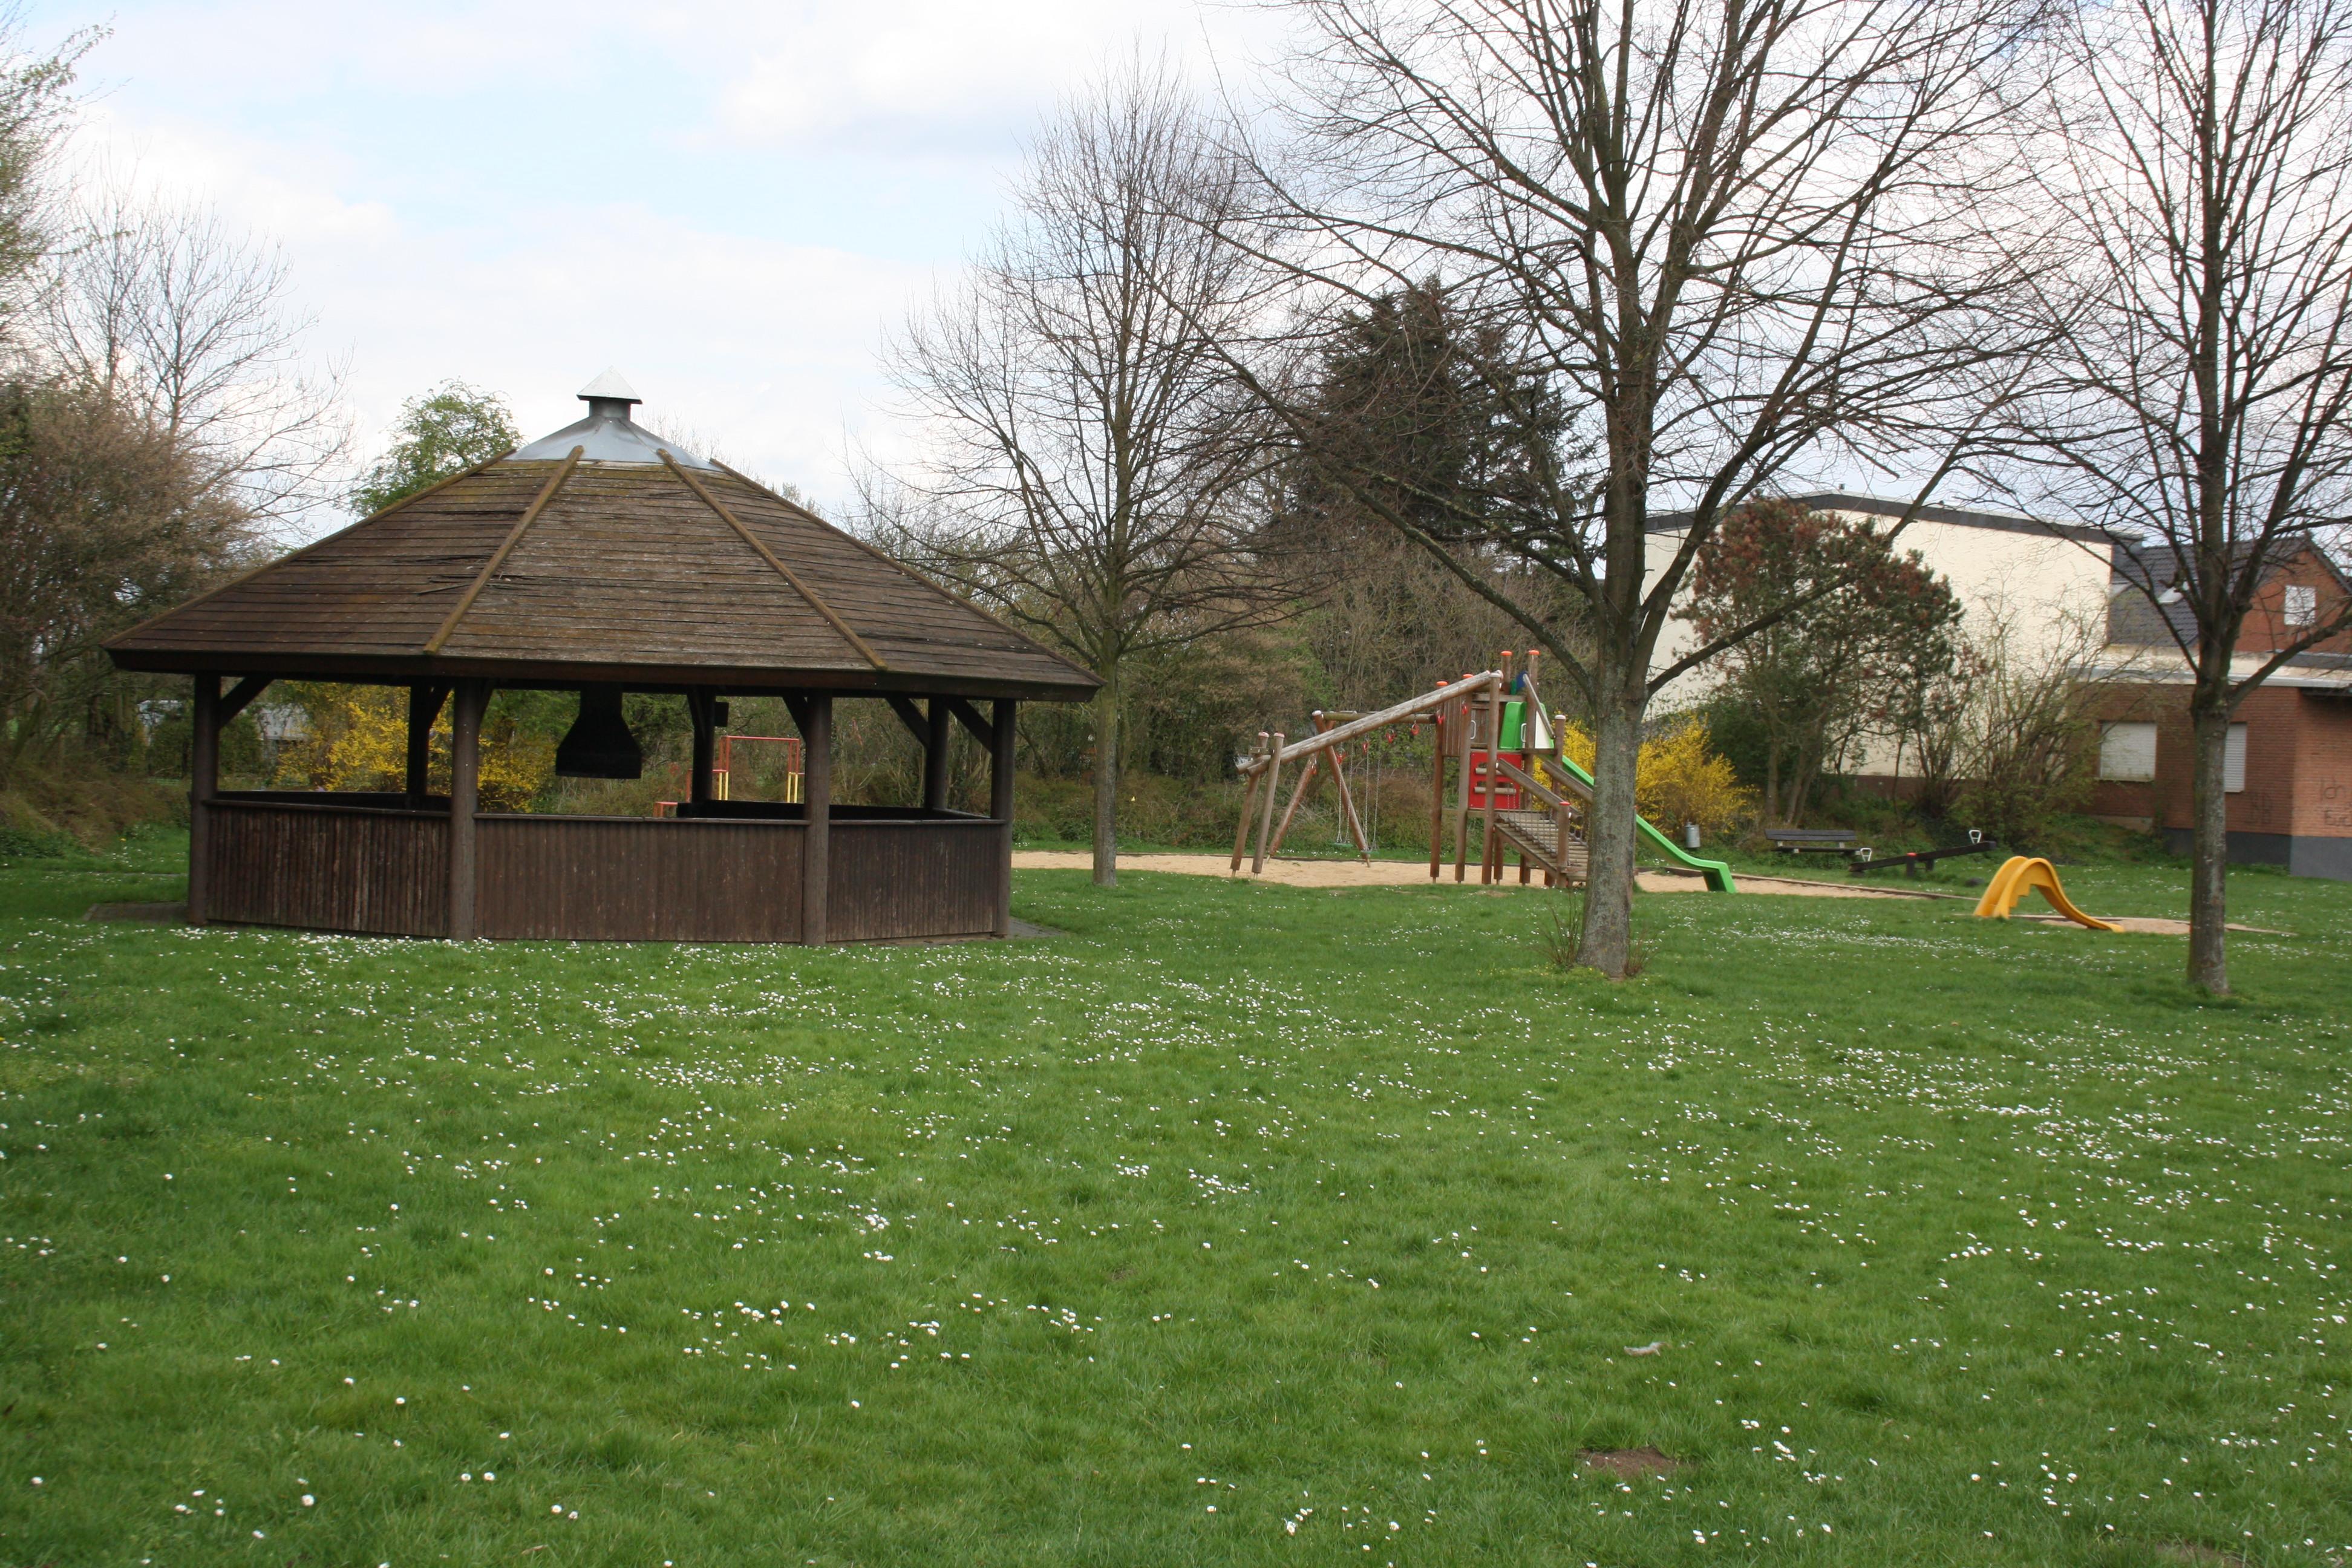 Klettergerüst Metall Spielplatz : Spielplatz ollheim u ludendorfer straße ecke peterstraße